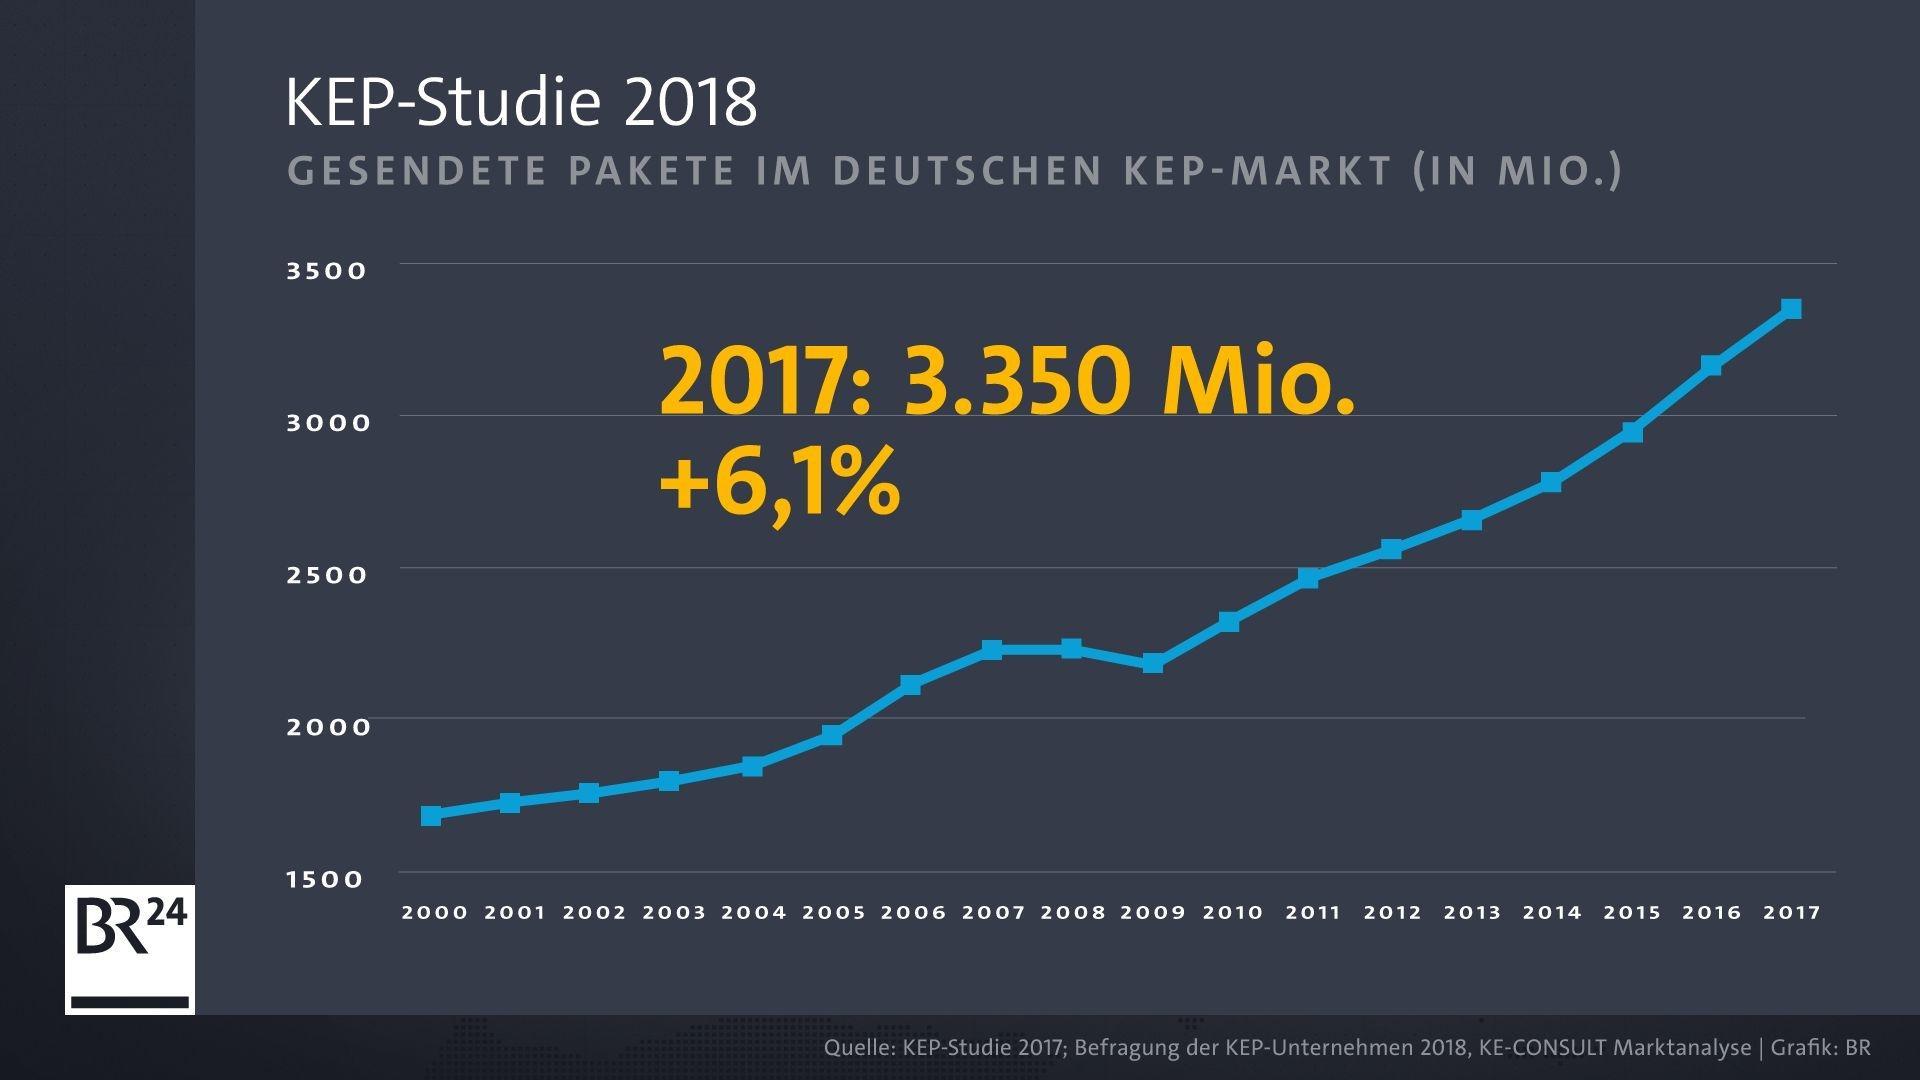 Mehr als drei Milliarden Pakete haben die Deutschen im vergangenen Jahr verschickt. Und es werden immer mehr.